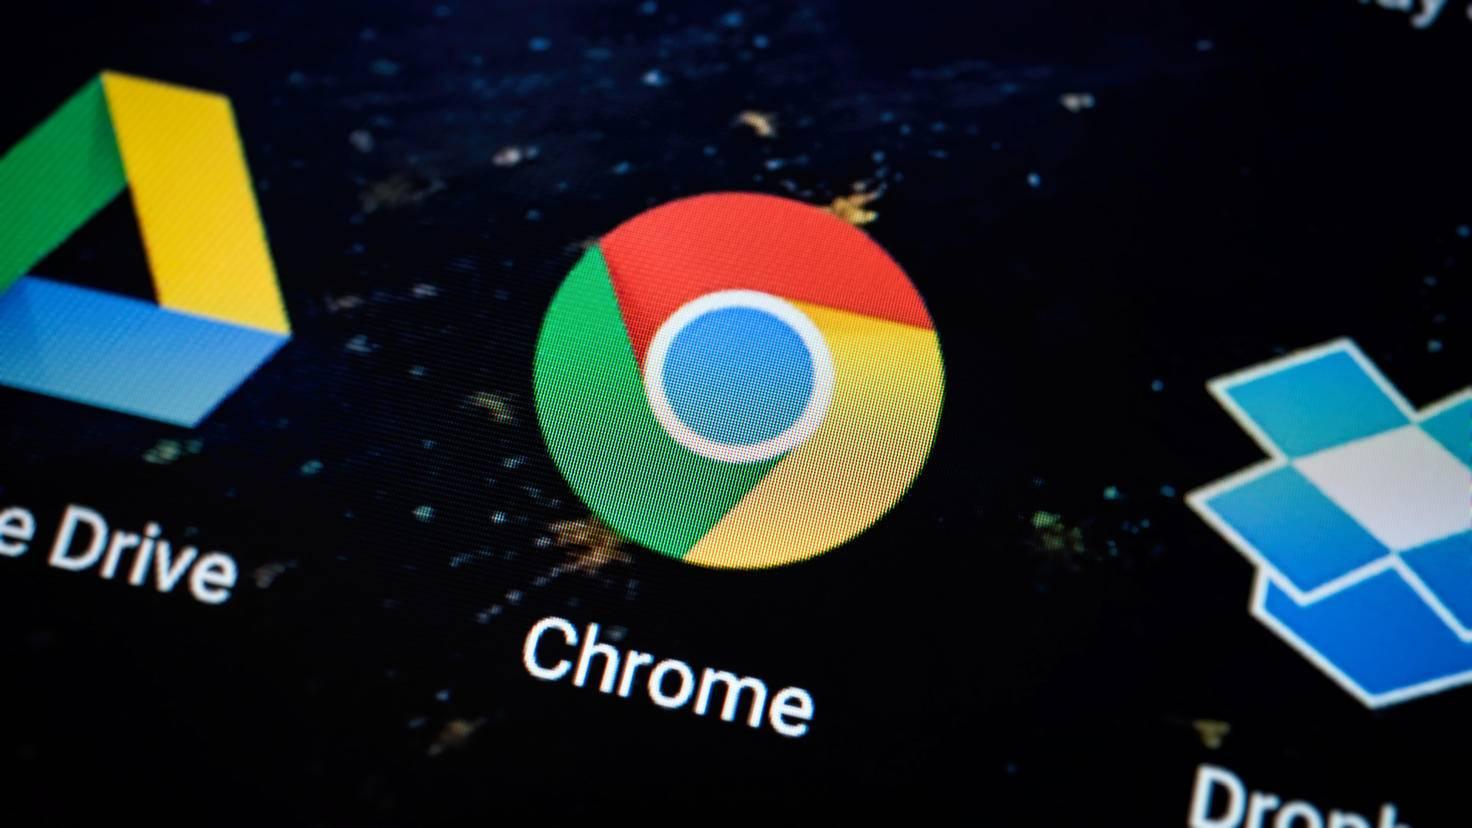 170125_Chrome-2